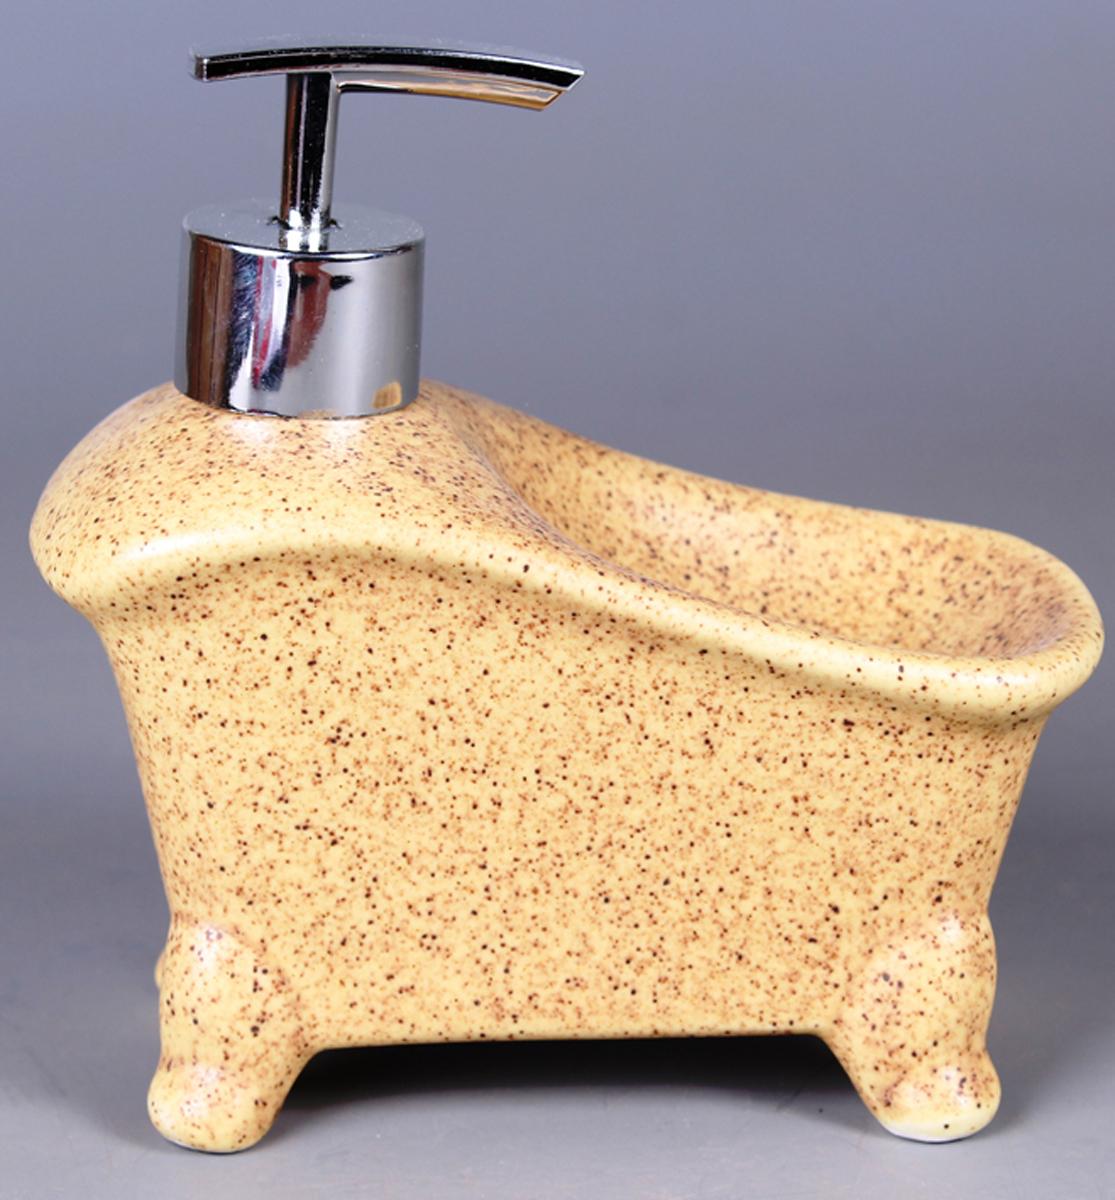 Дозатор для жидкого мыла Elrington, с подставкой для губки. FJH-10771-A201FJH-10771-A201Дозатор для жидкого мыла Elrington, изготовленный из керамики и металла, отлично подойдет для вашей ванной комнаты. Такой аксессуар очень удобен в использовании, достаточно лишь перелить жидкое мыло в дозатор, а когда необходимо использование мыла, легким нажатием выдавить нужное количество. Также изделие оснащено подставкой под губку.Дозатор для жидкого мыла Elrington создаст особую атмосферу уюта и максимального комфорта в ванной.